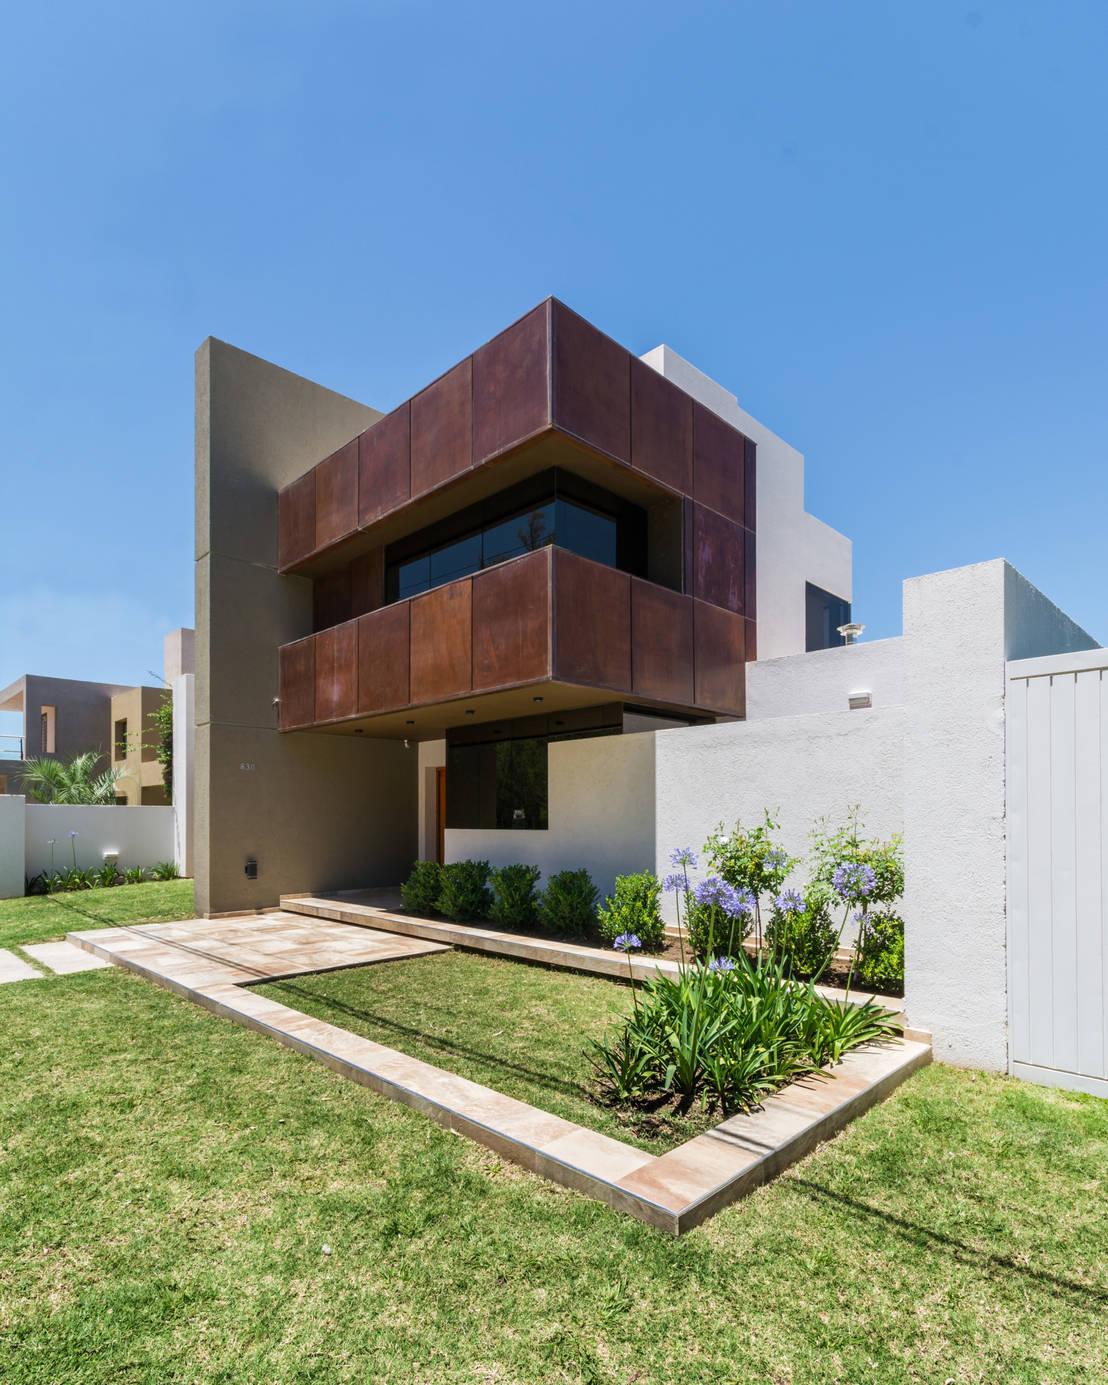 Casa oxidada de karlen clemente arquitectos homify for Homify casas